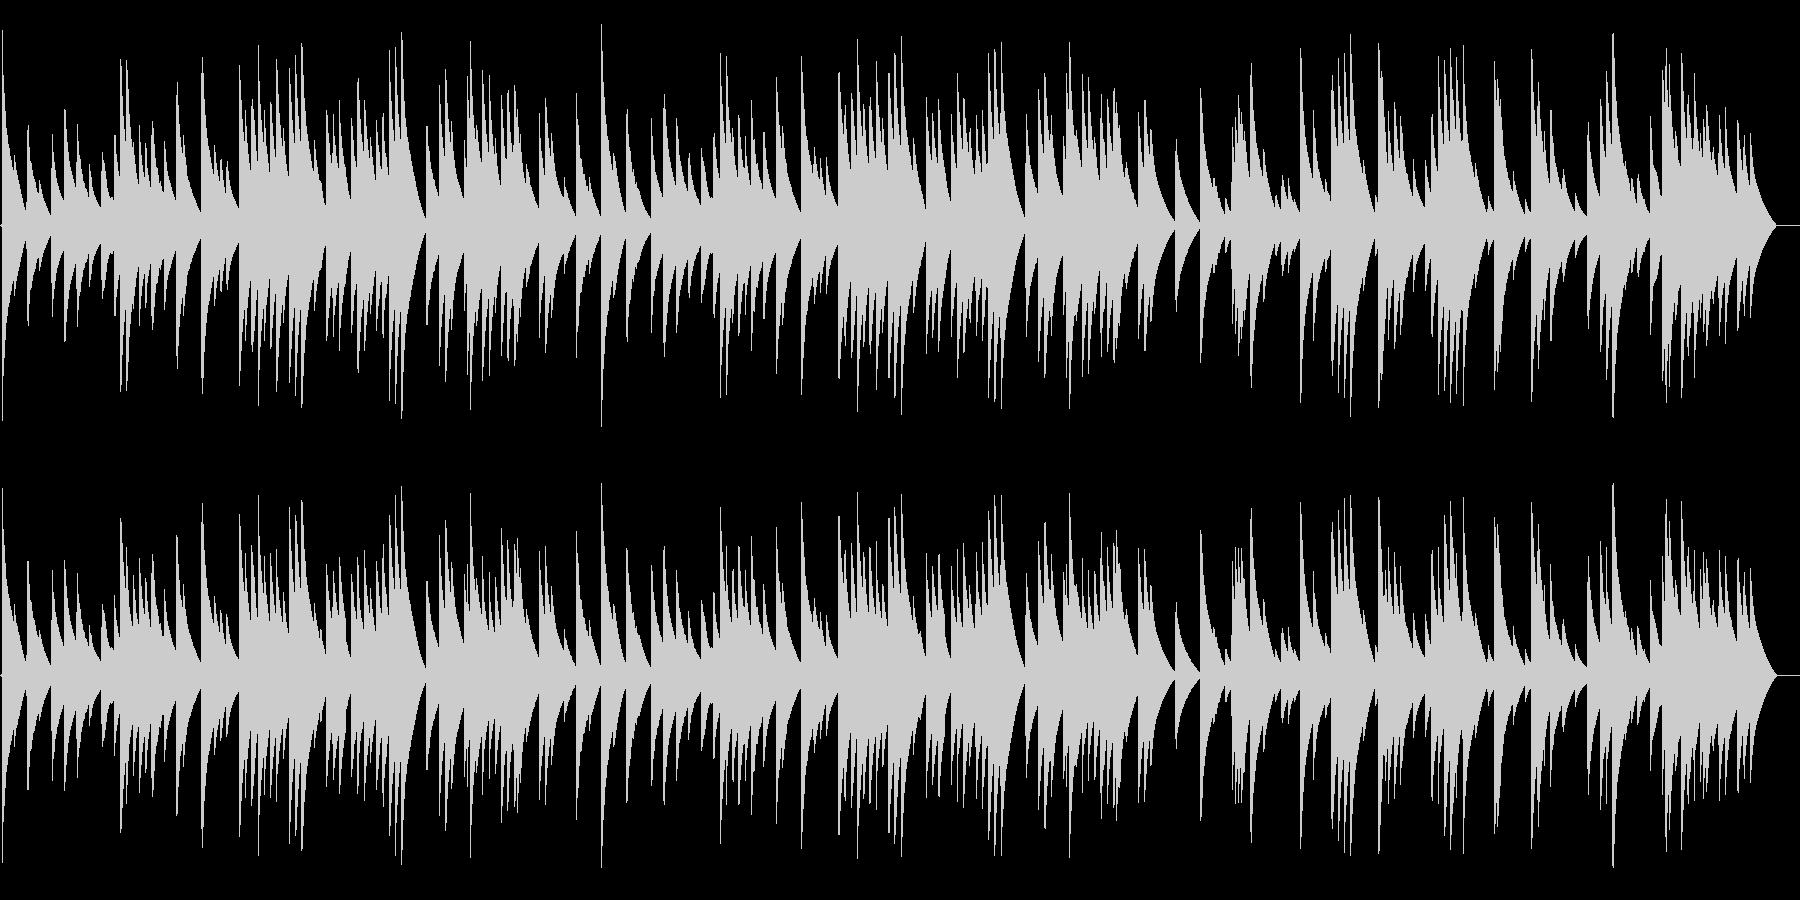 電話 保留音01-3(G線上のアリア)の未再生の波形